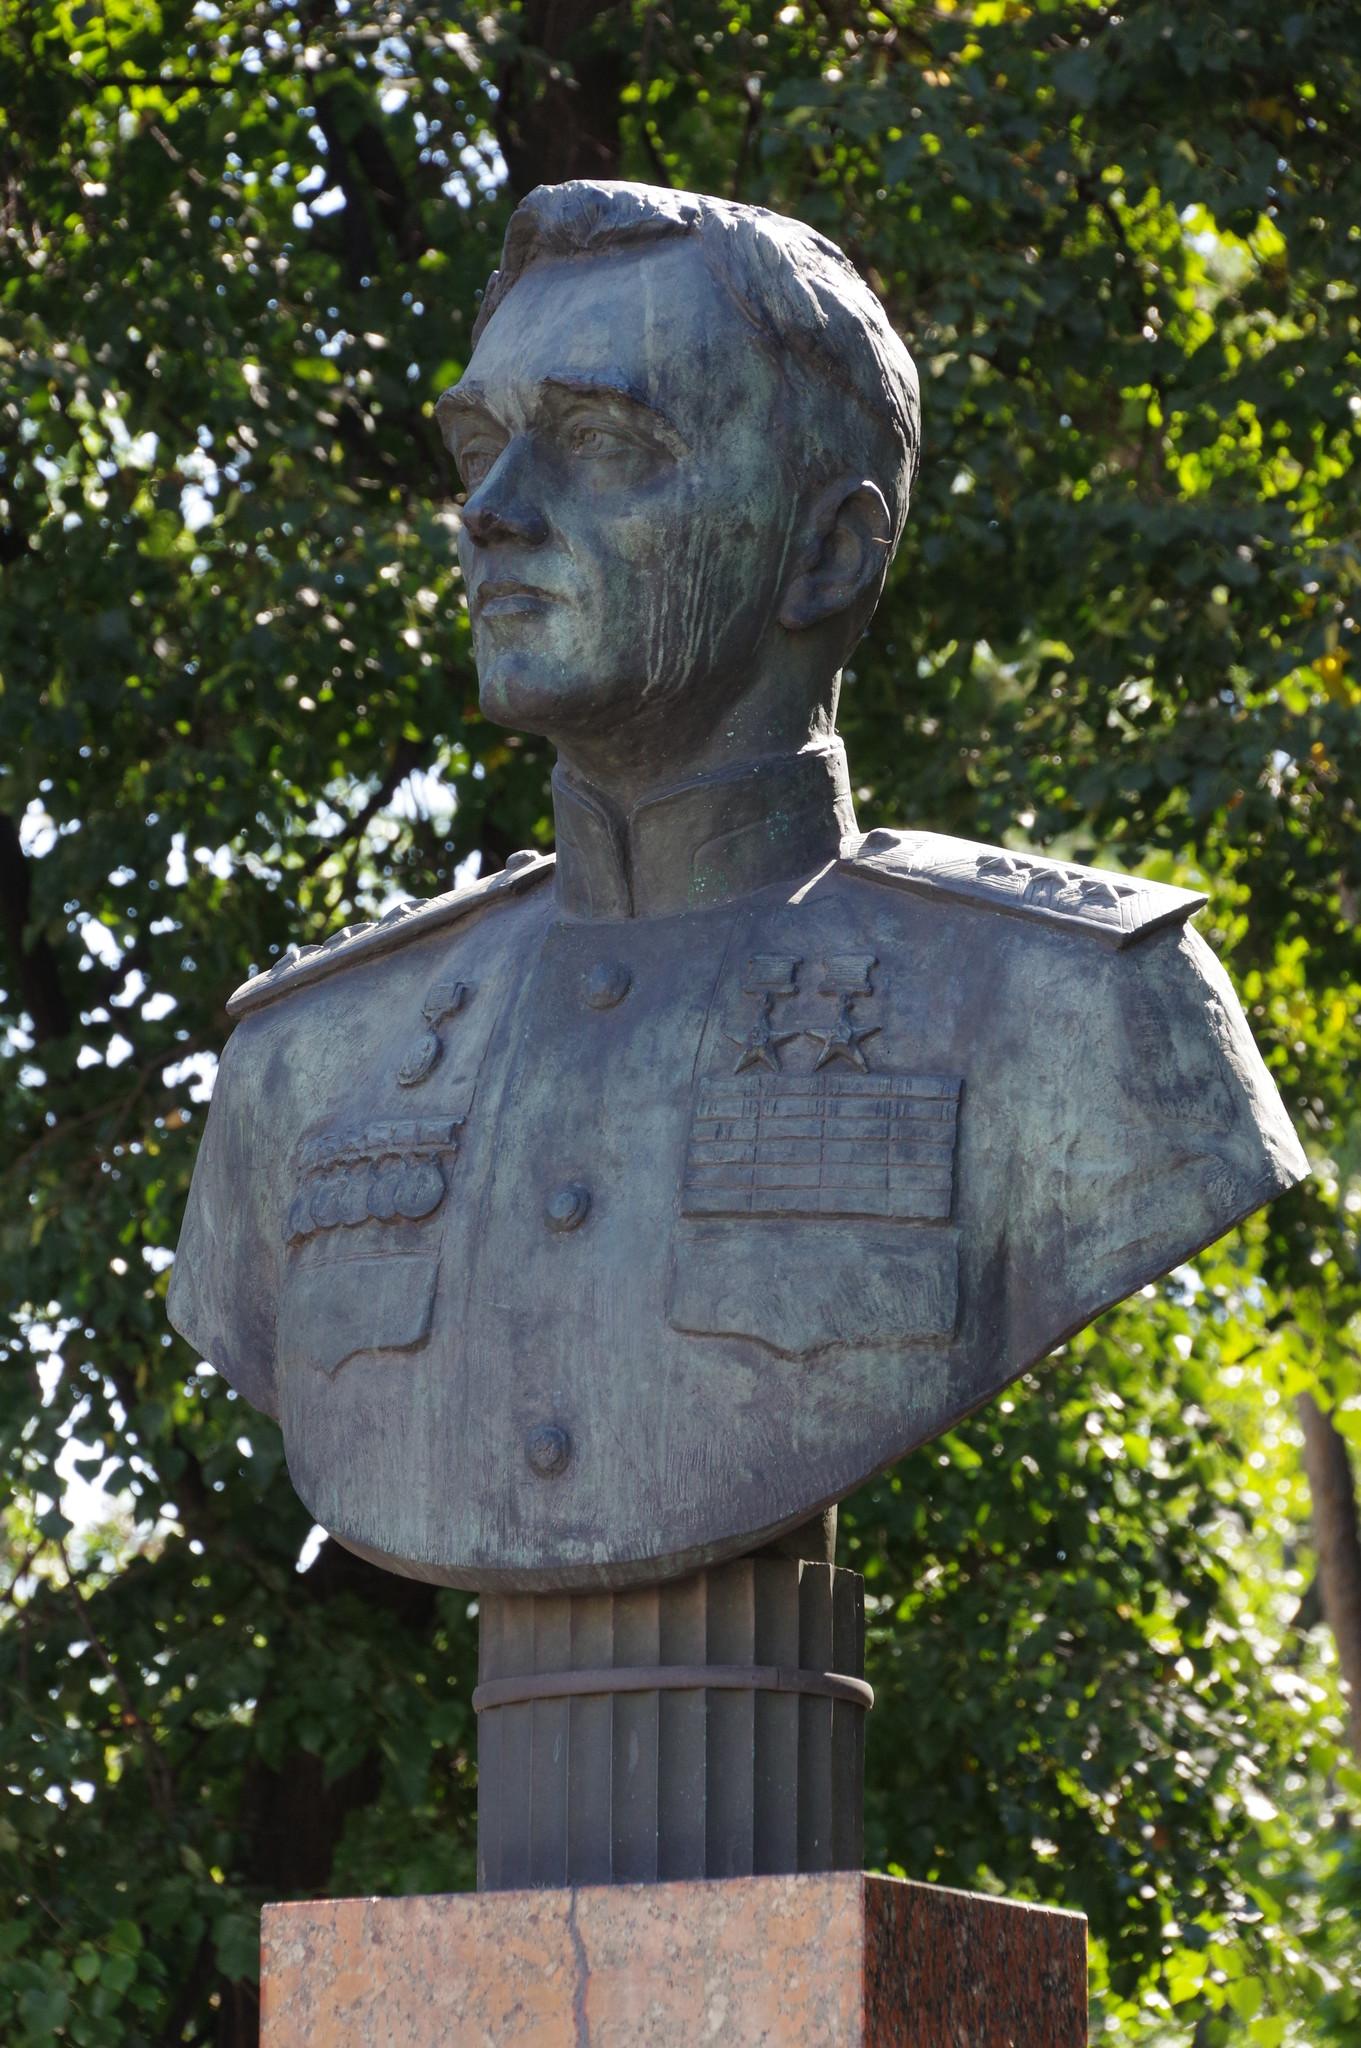 Памятник-бюст авиаконструктору А.С. Яковлеву расположен в сквере рядом с Чапаевским переулком, при входе в Парк Авиаторов